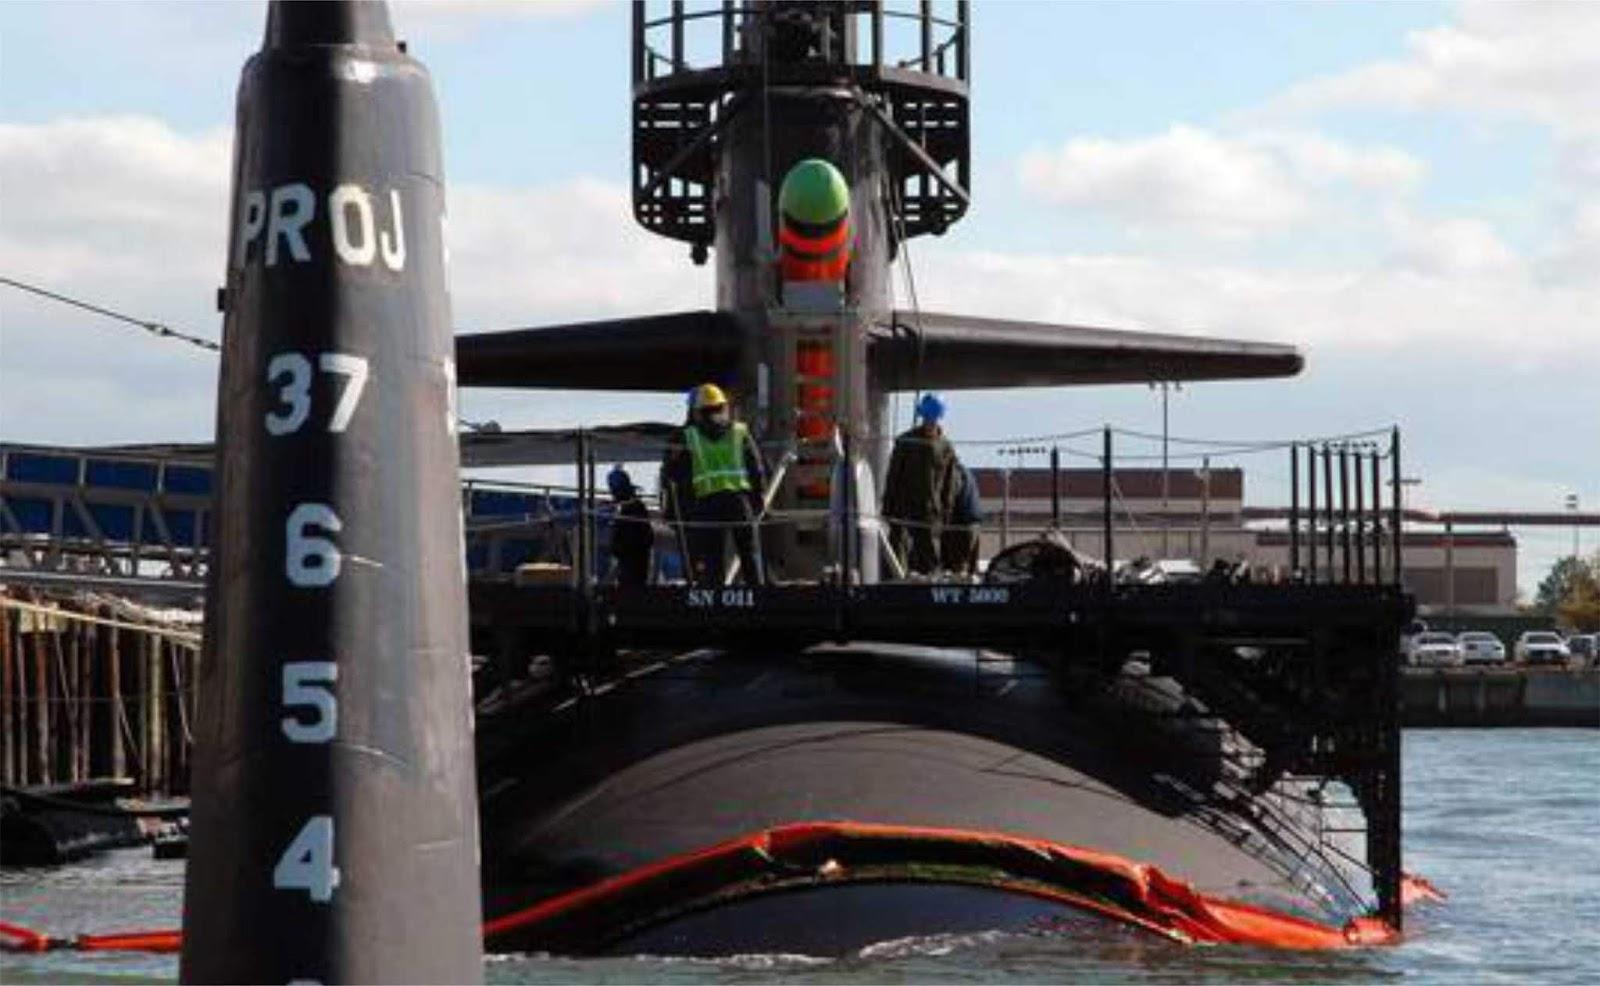 Kemlu Rusia mengomentari pembangunan pangkalan kapal selam nuklir di Norwegia